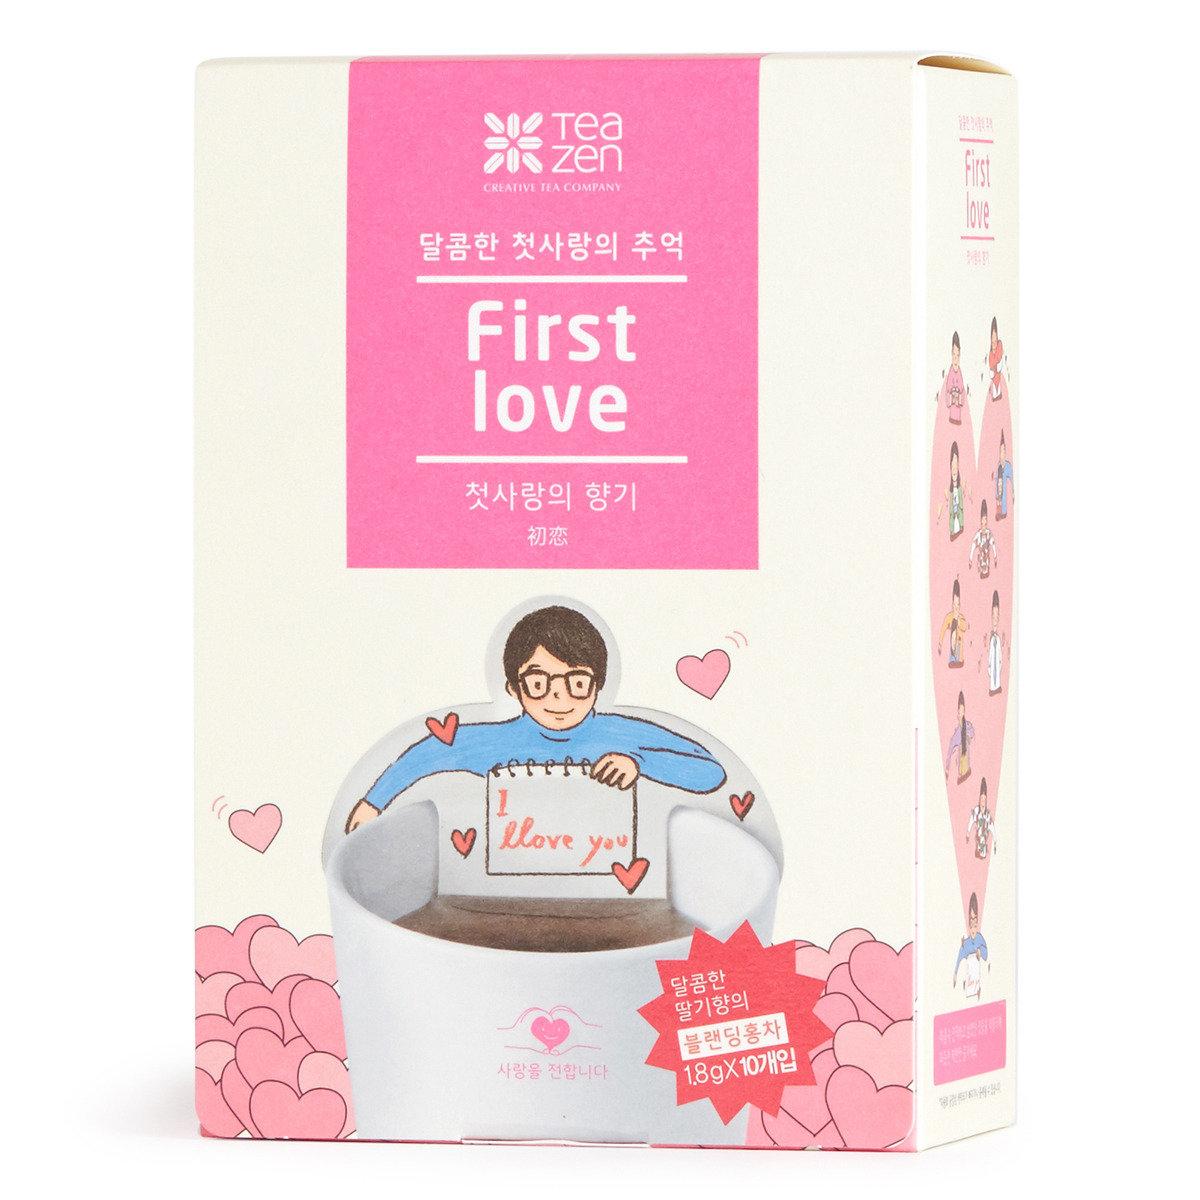 初戀系列 (草莓紅茶包)